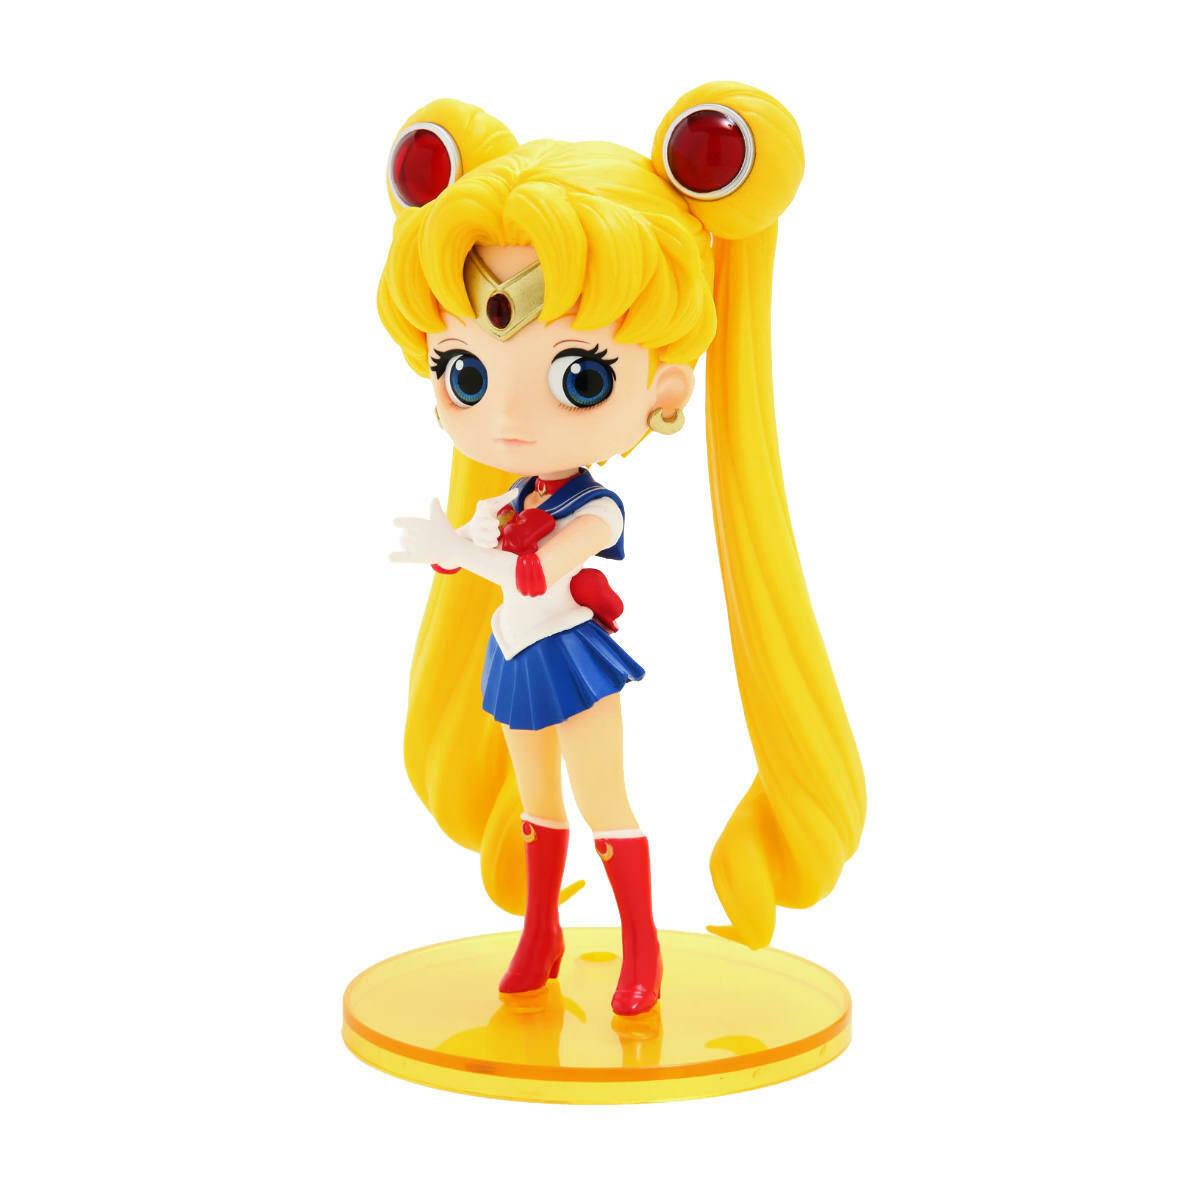 Banpresto Sailor Moon Q Posket Figure Sailor Moon (ex Display)